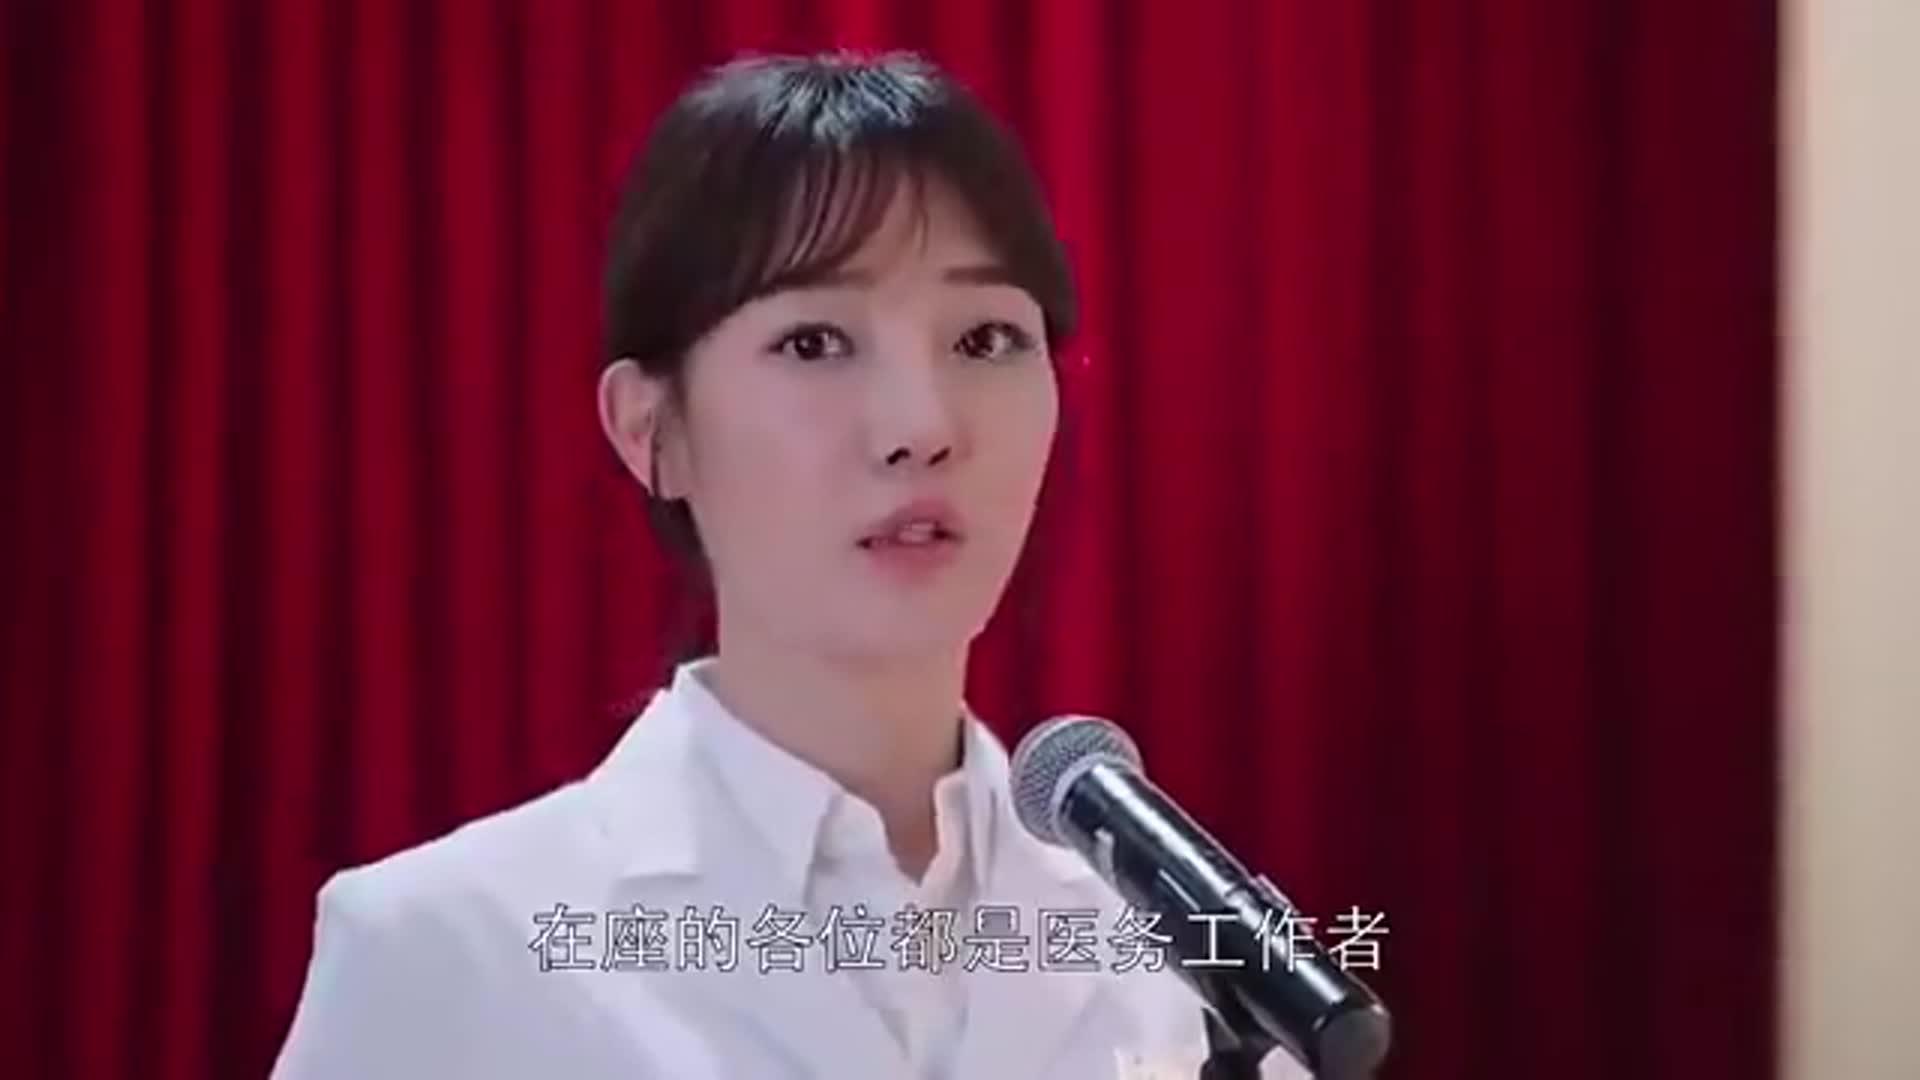 外科风云:晨曦勇敢说出真相,为庄恕妈妈洗清冤屈,怎么回事